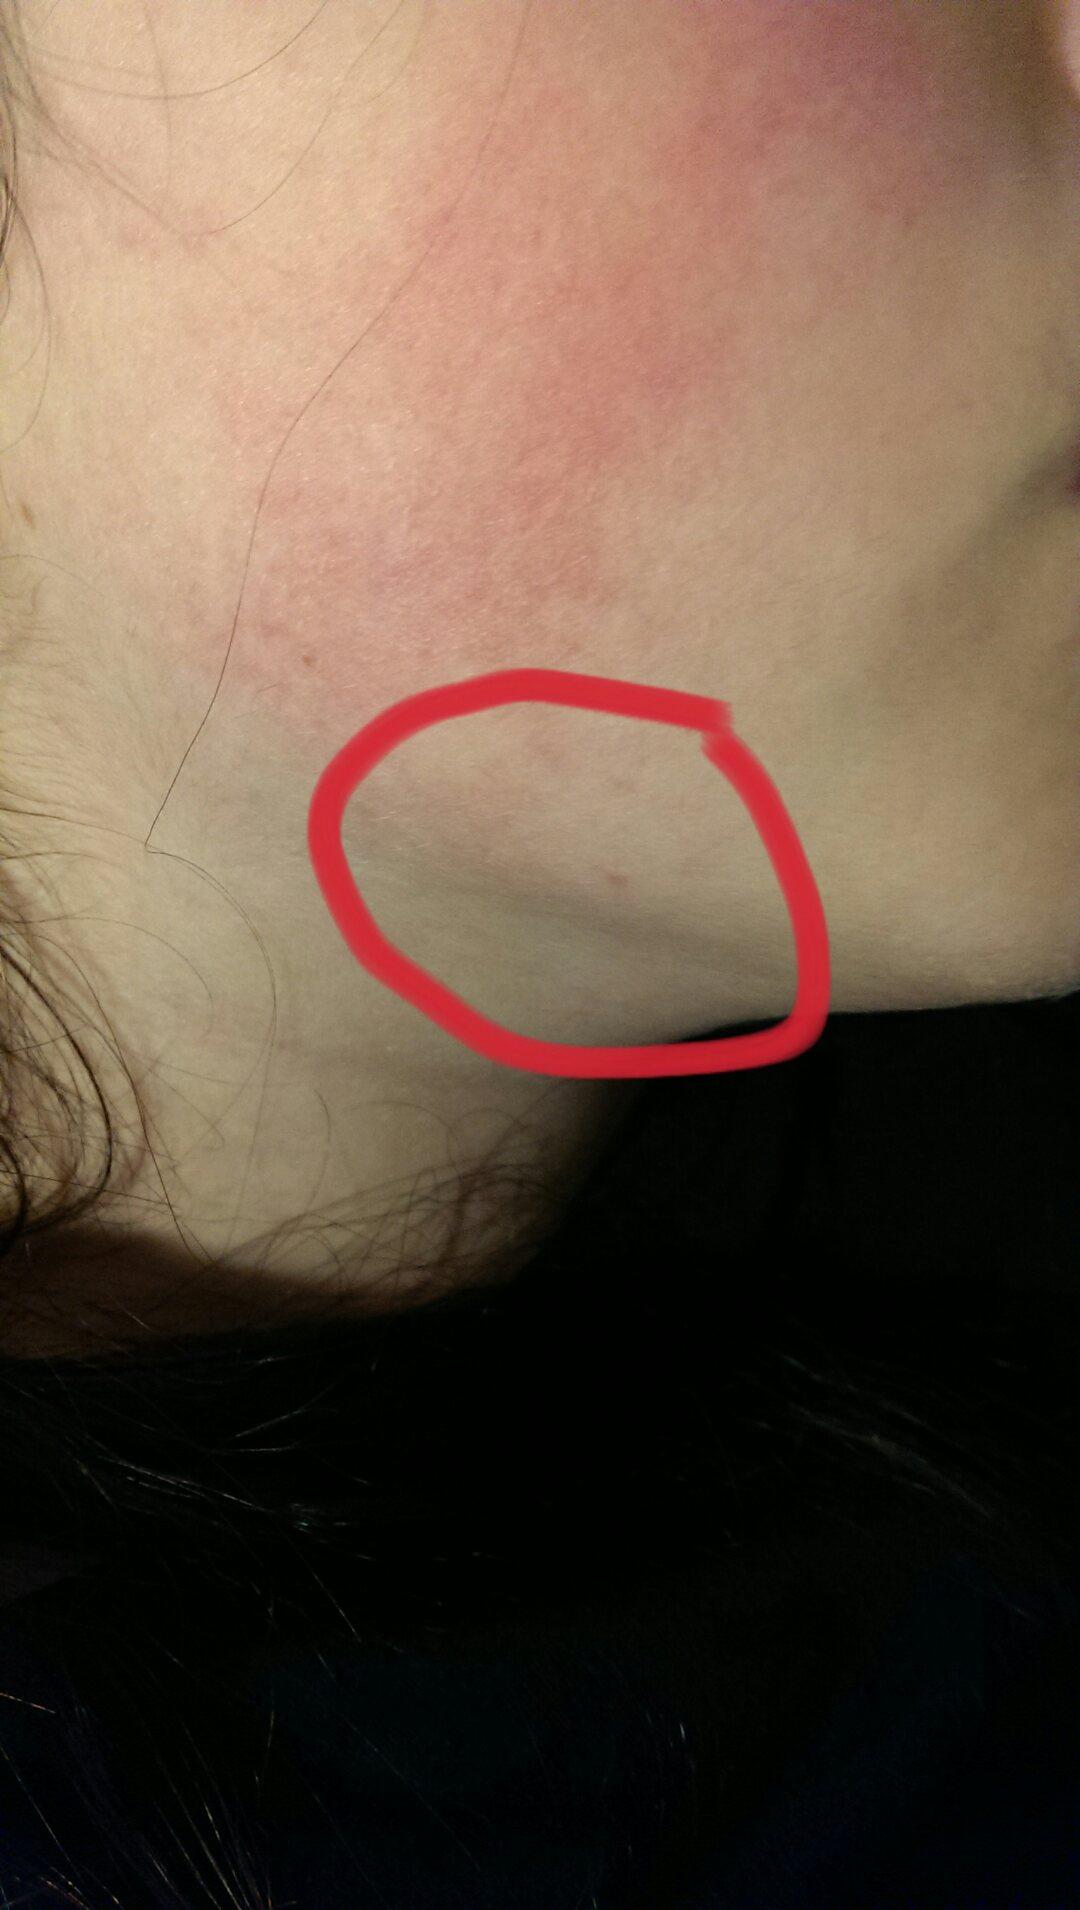 Knubbel am unterkiefer, was kann das sein :(? (Gesundheit